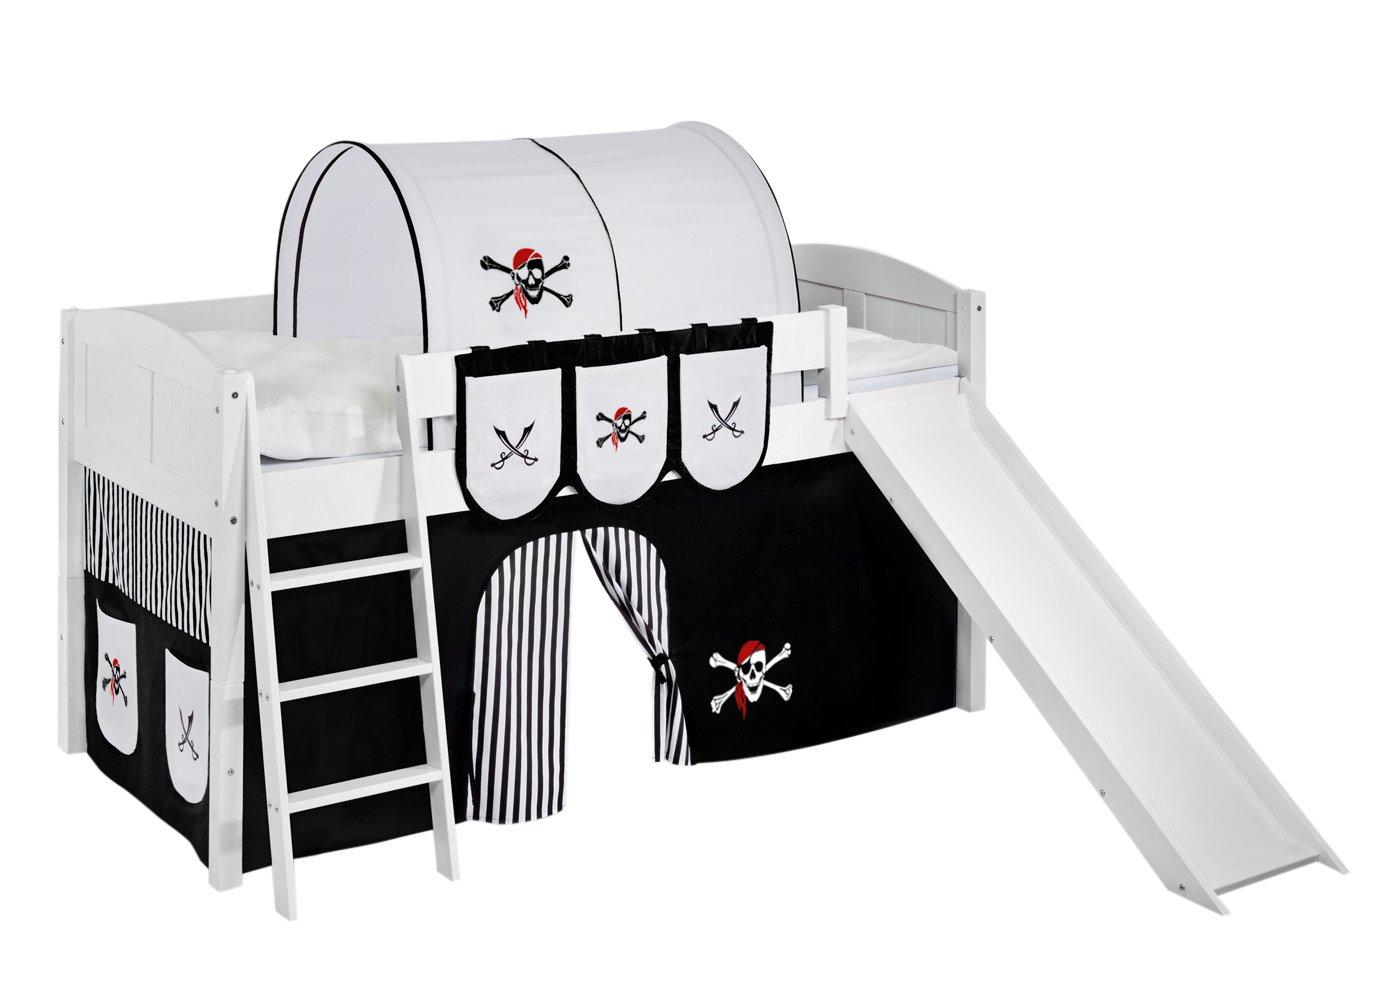 Lilokids IDA4106KWR-PIRAT-SCHWARZ-S Kinderbett, Holz, pirat schwarz, 208 x 220 x 113 cm